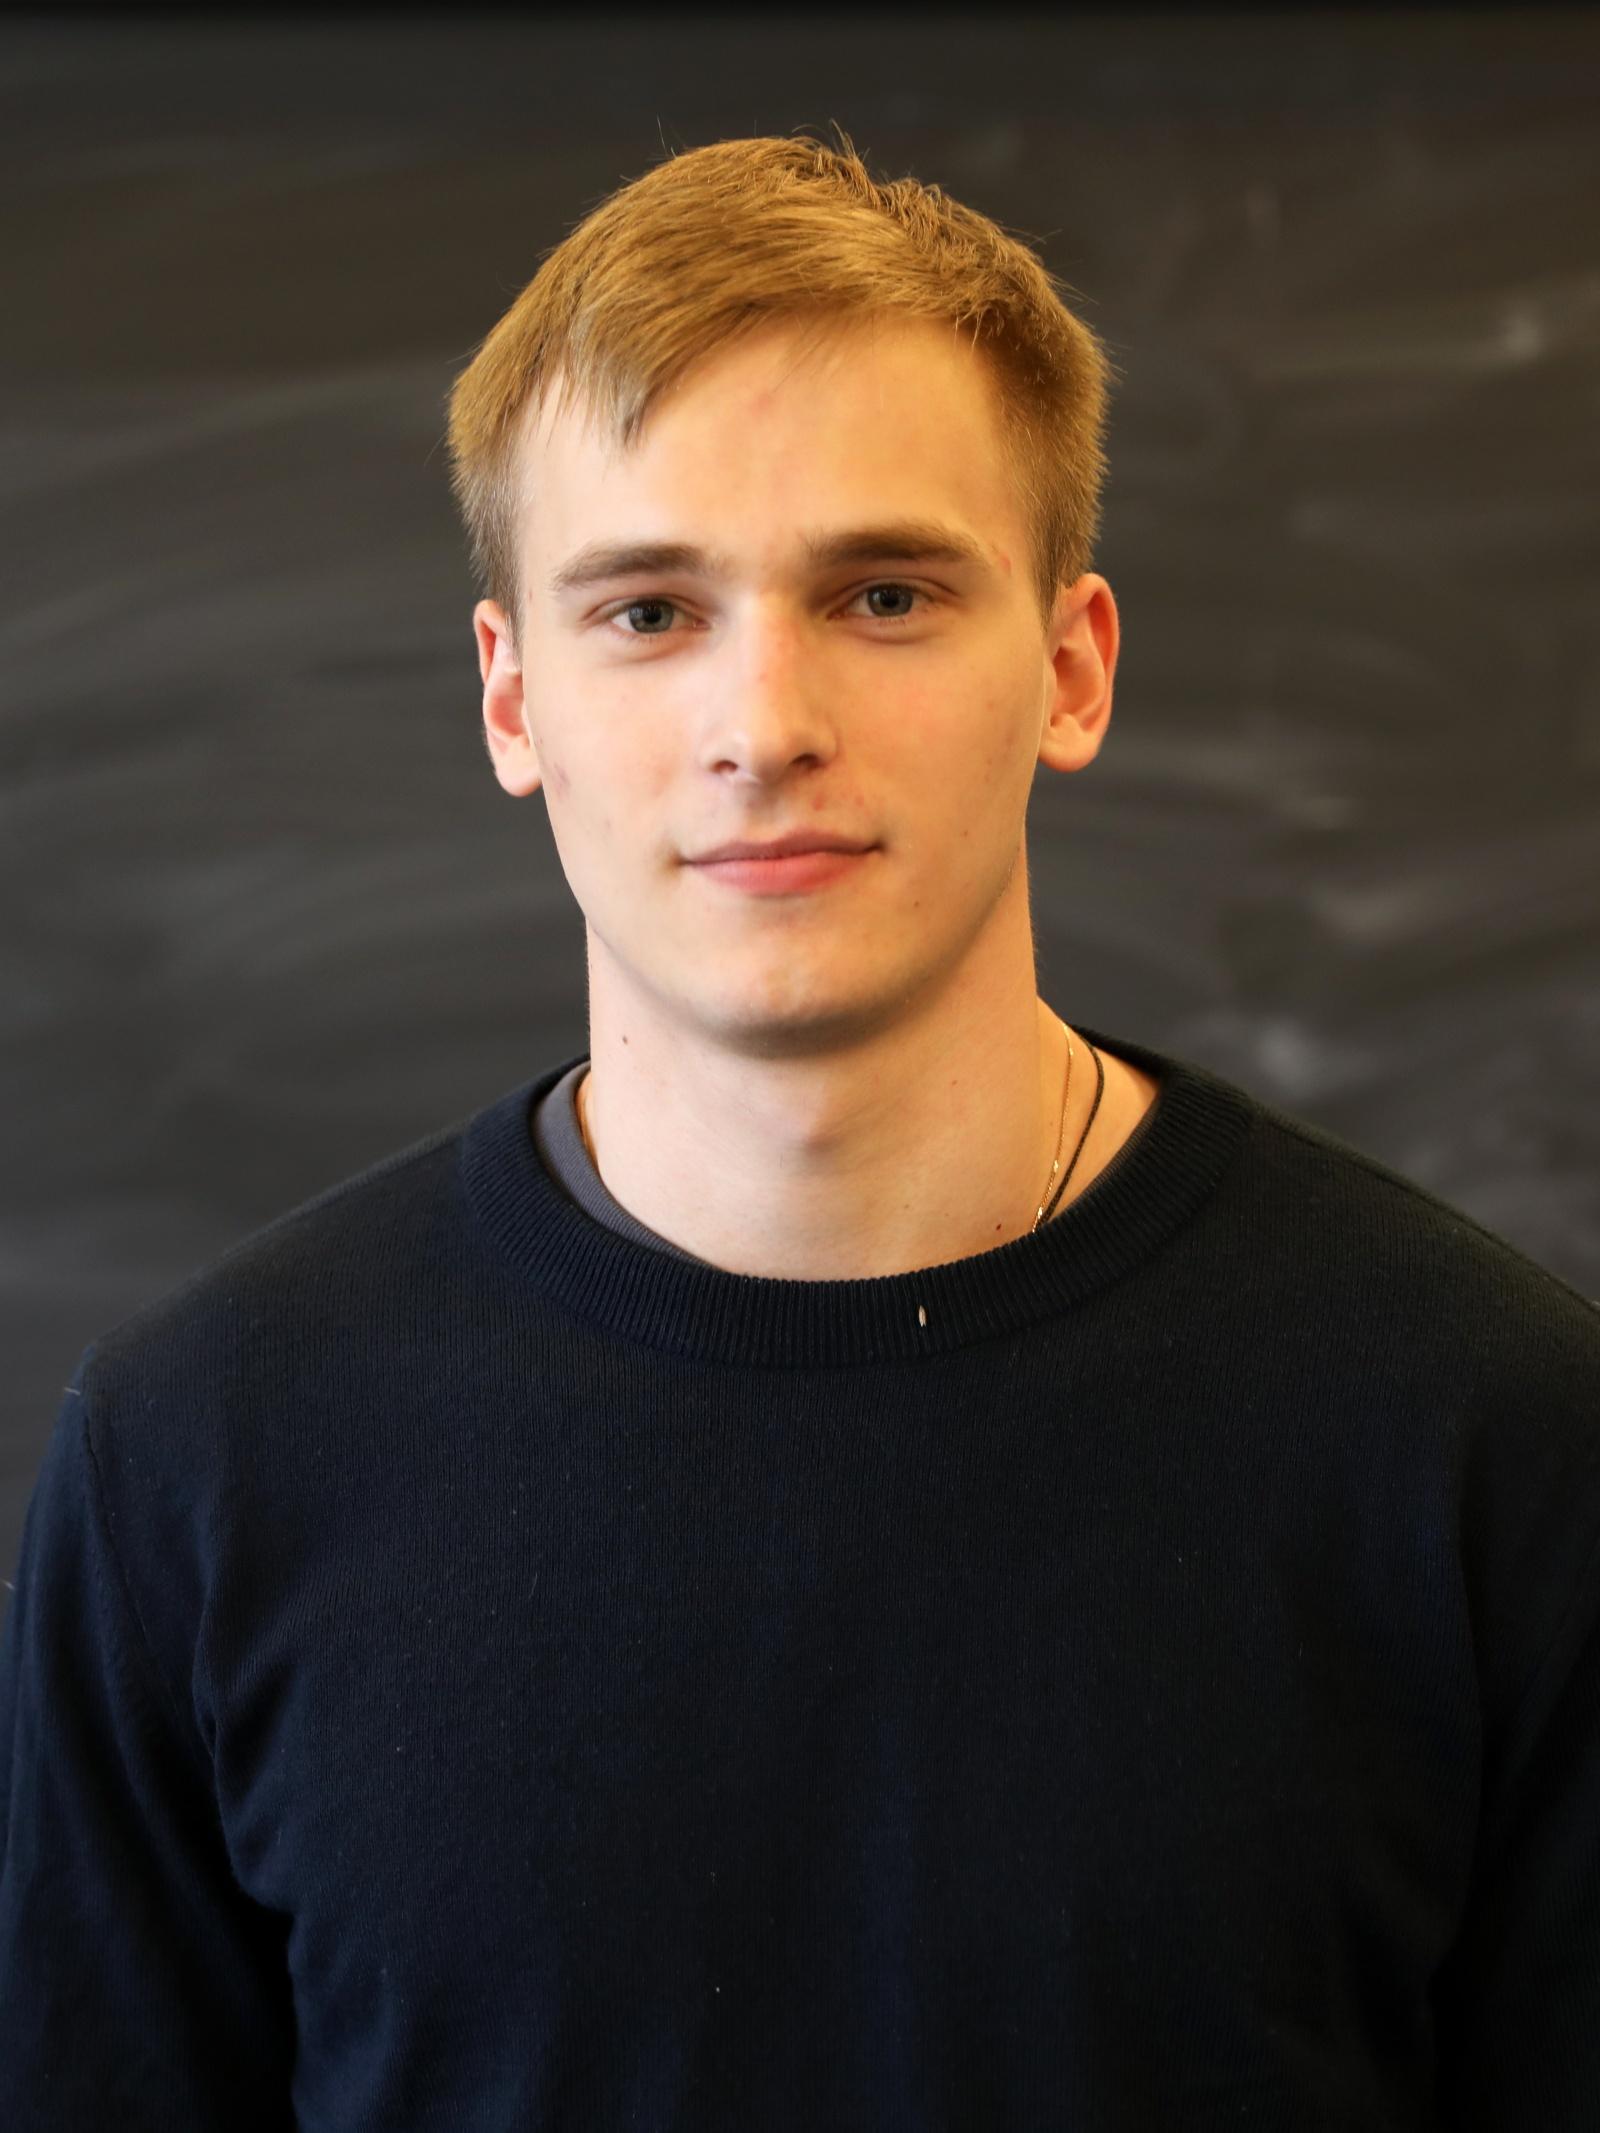 Магистерская программа JetBrains на базе Университете ИТМО: интервью со студентами - 3